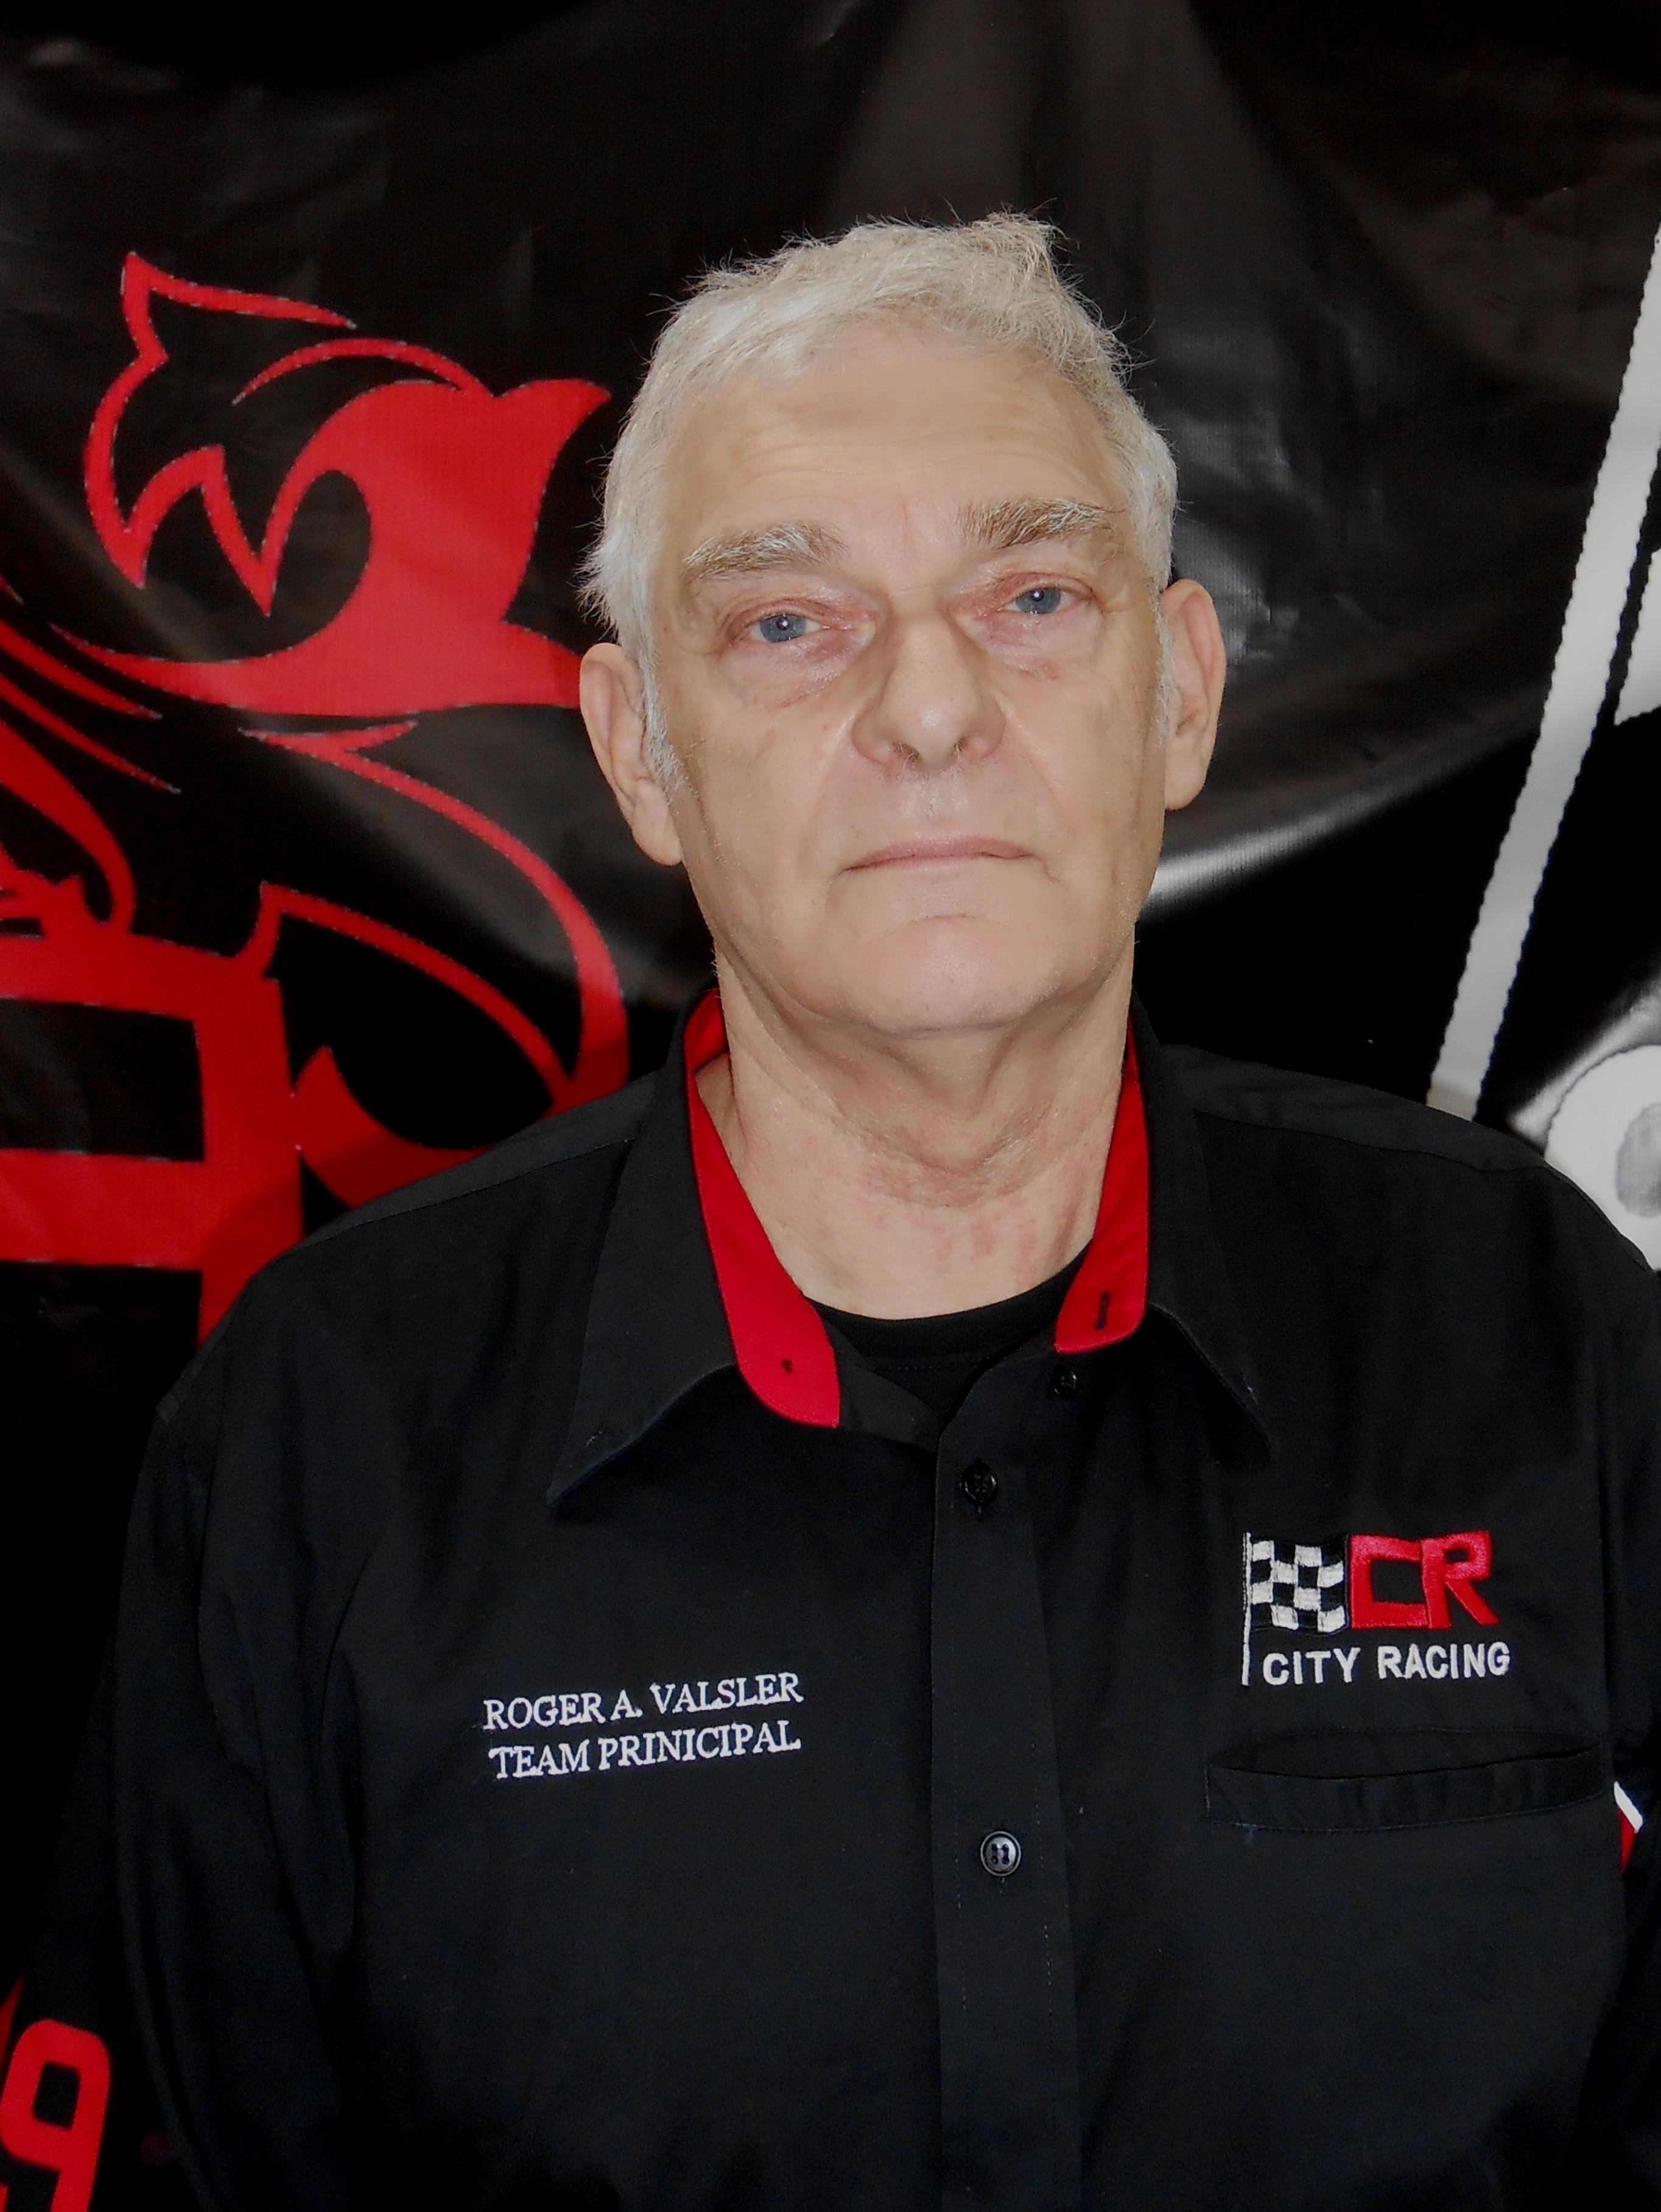 Roger Valsler